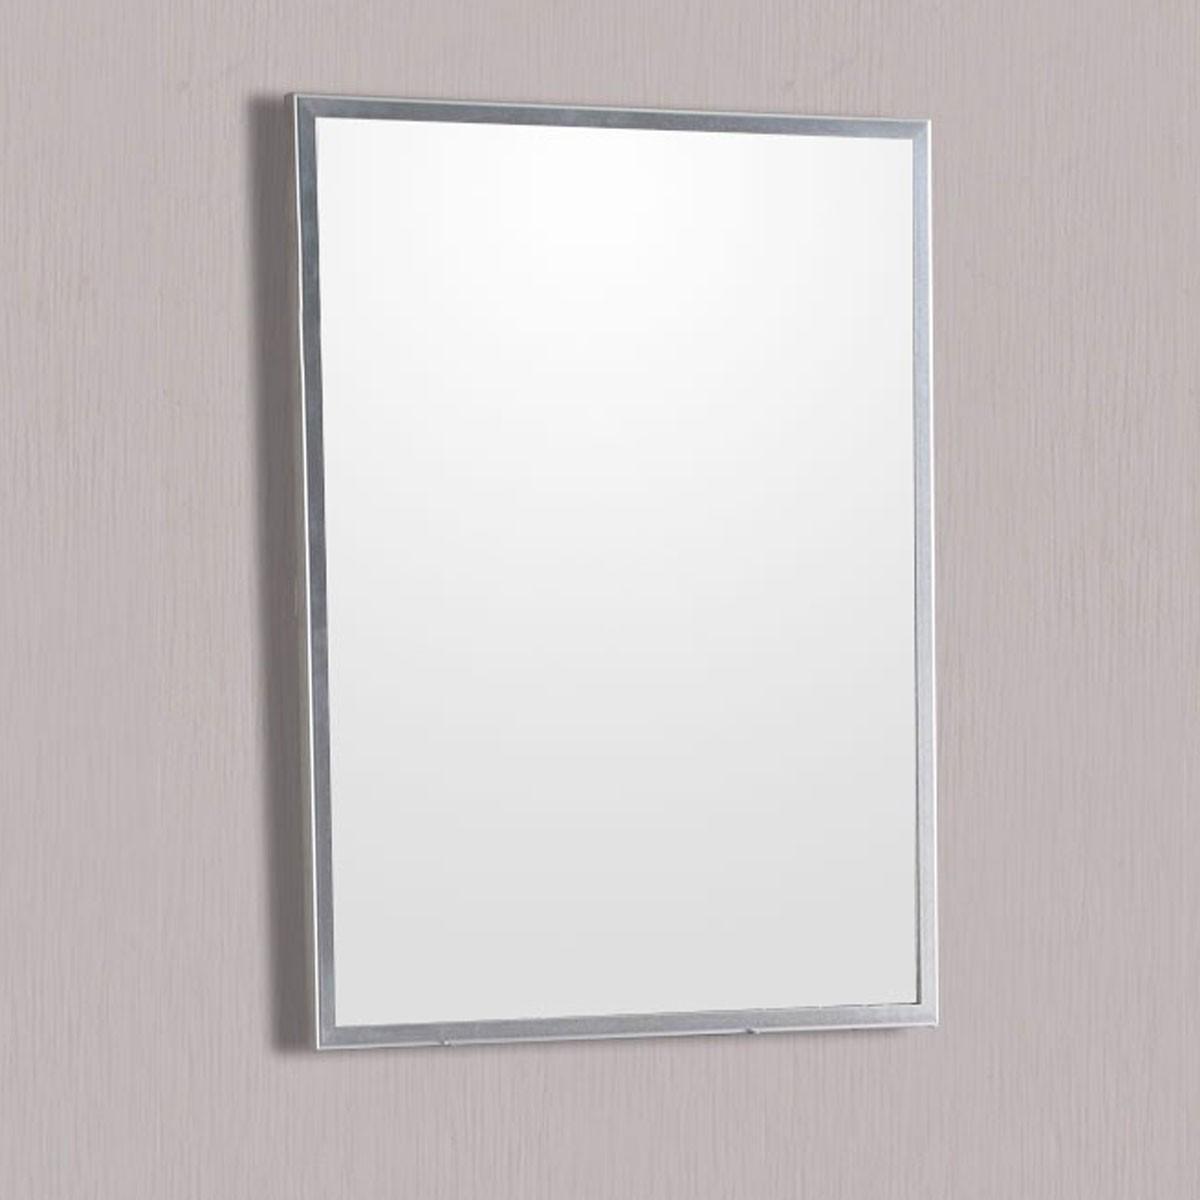 24 X 30 Po Miroir Pour Meuble Salle De Bain DK T5010C M